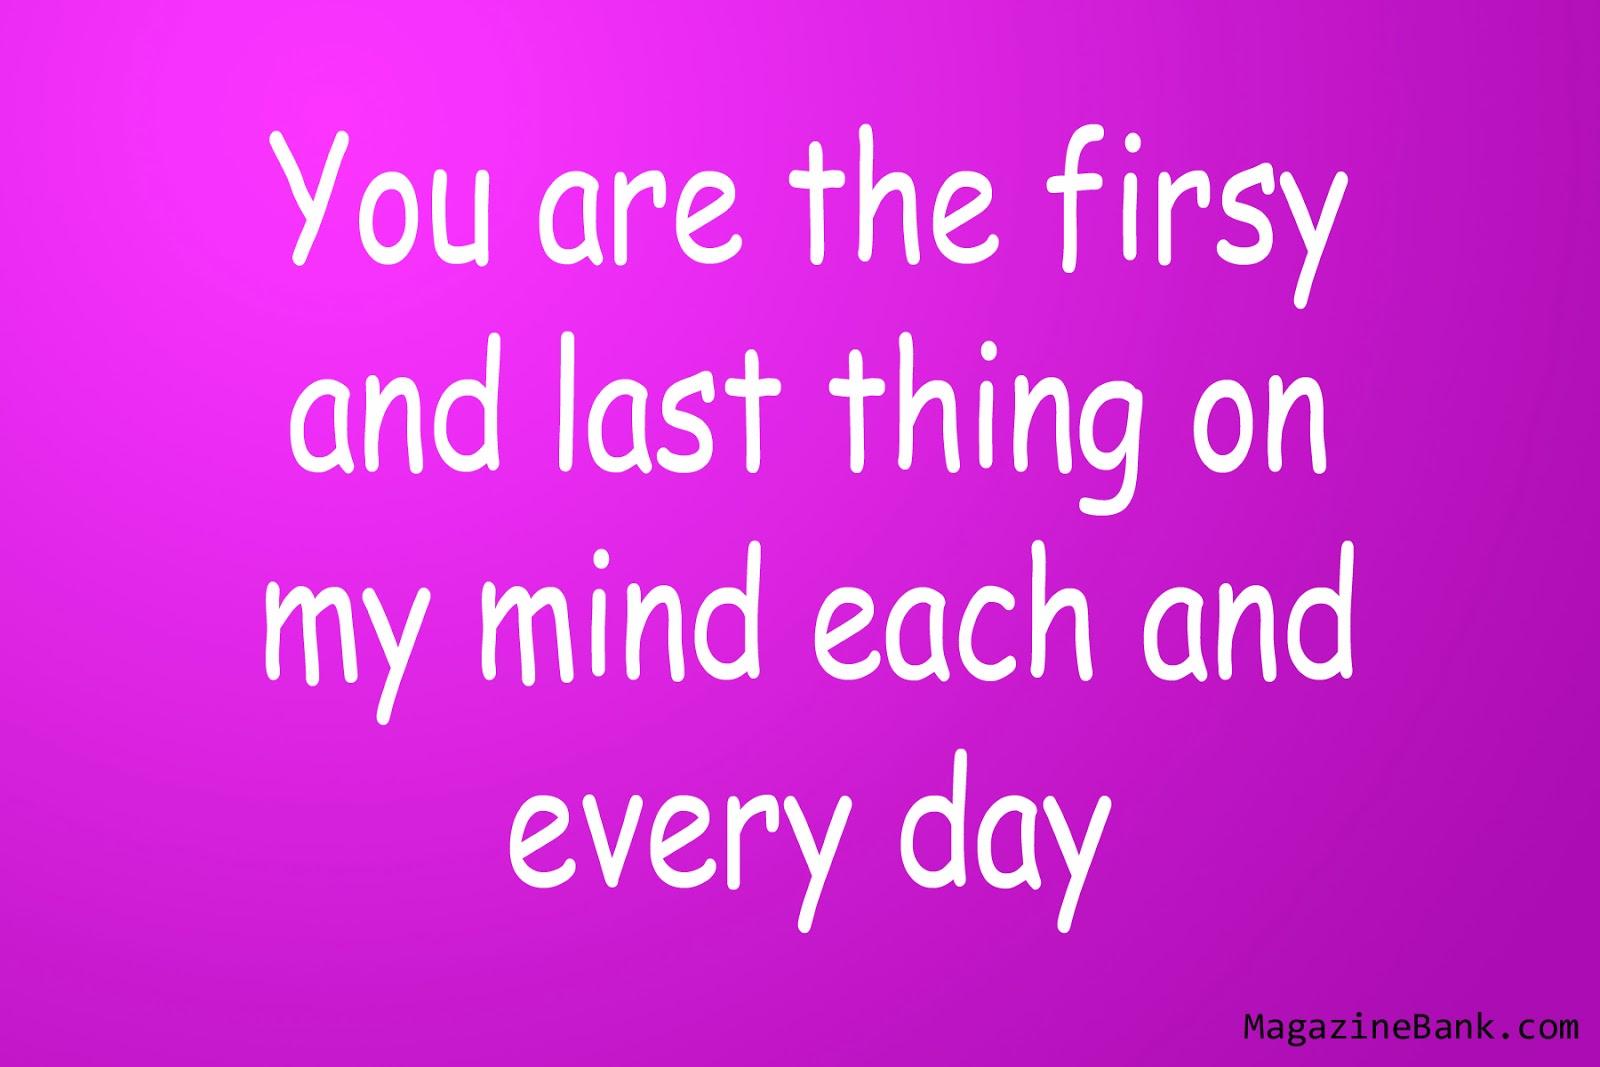 Cutest Ever Love Quotes. QuotesGram